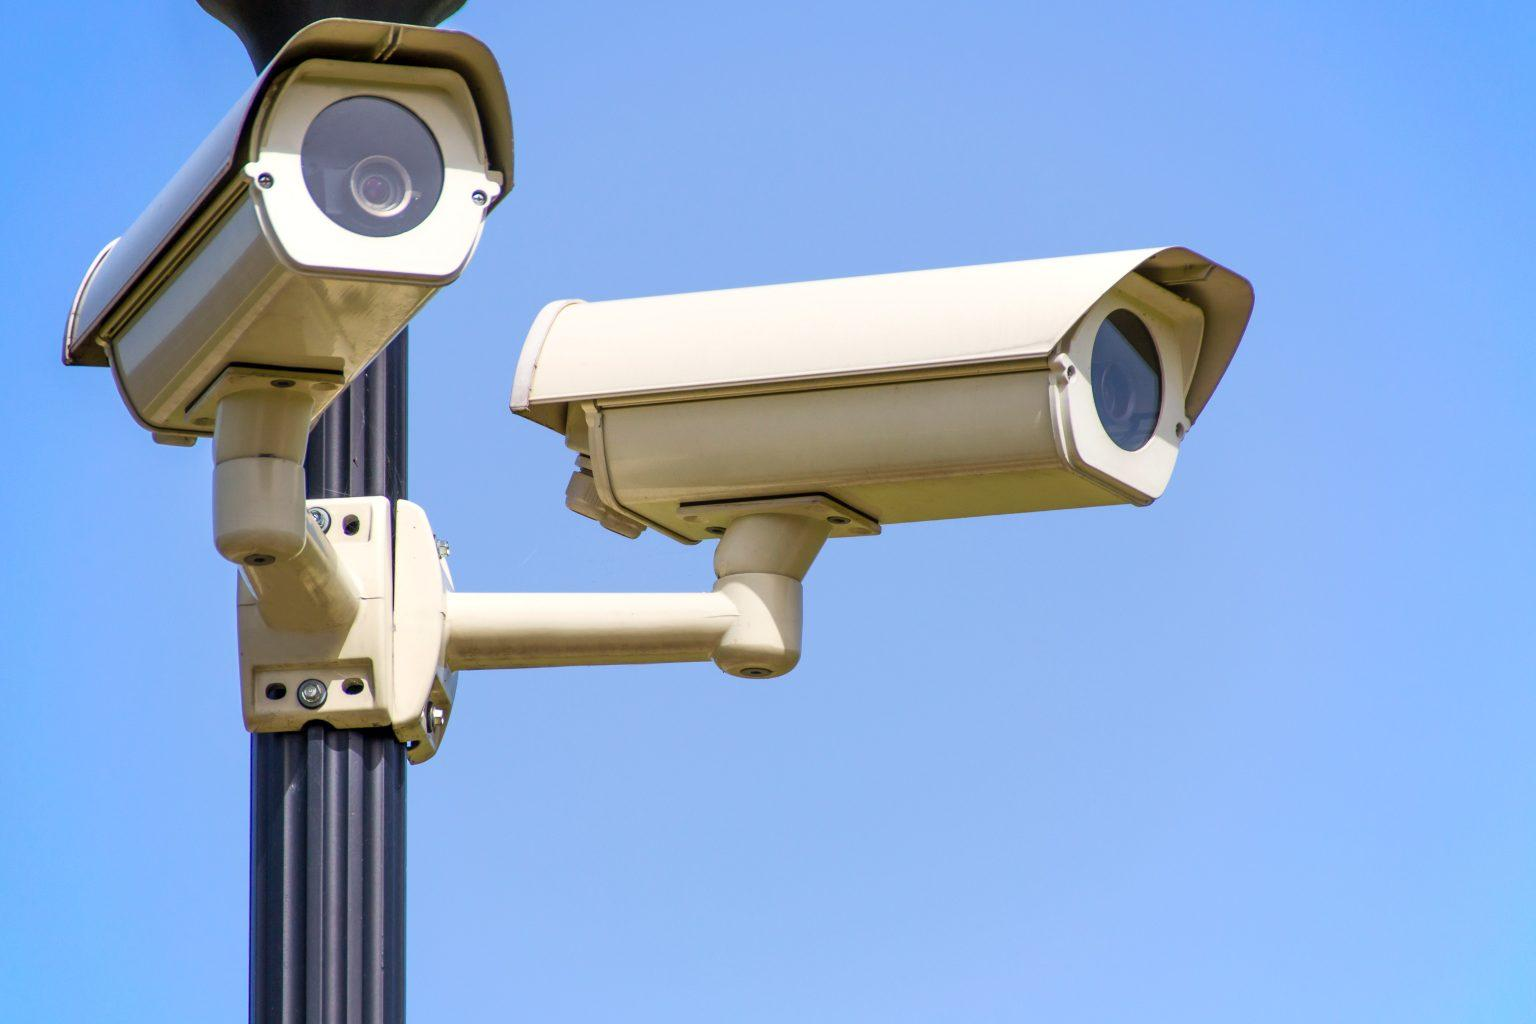 install-security-cameras